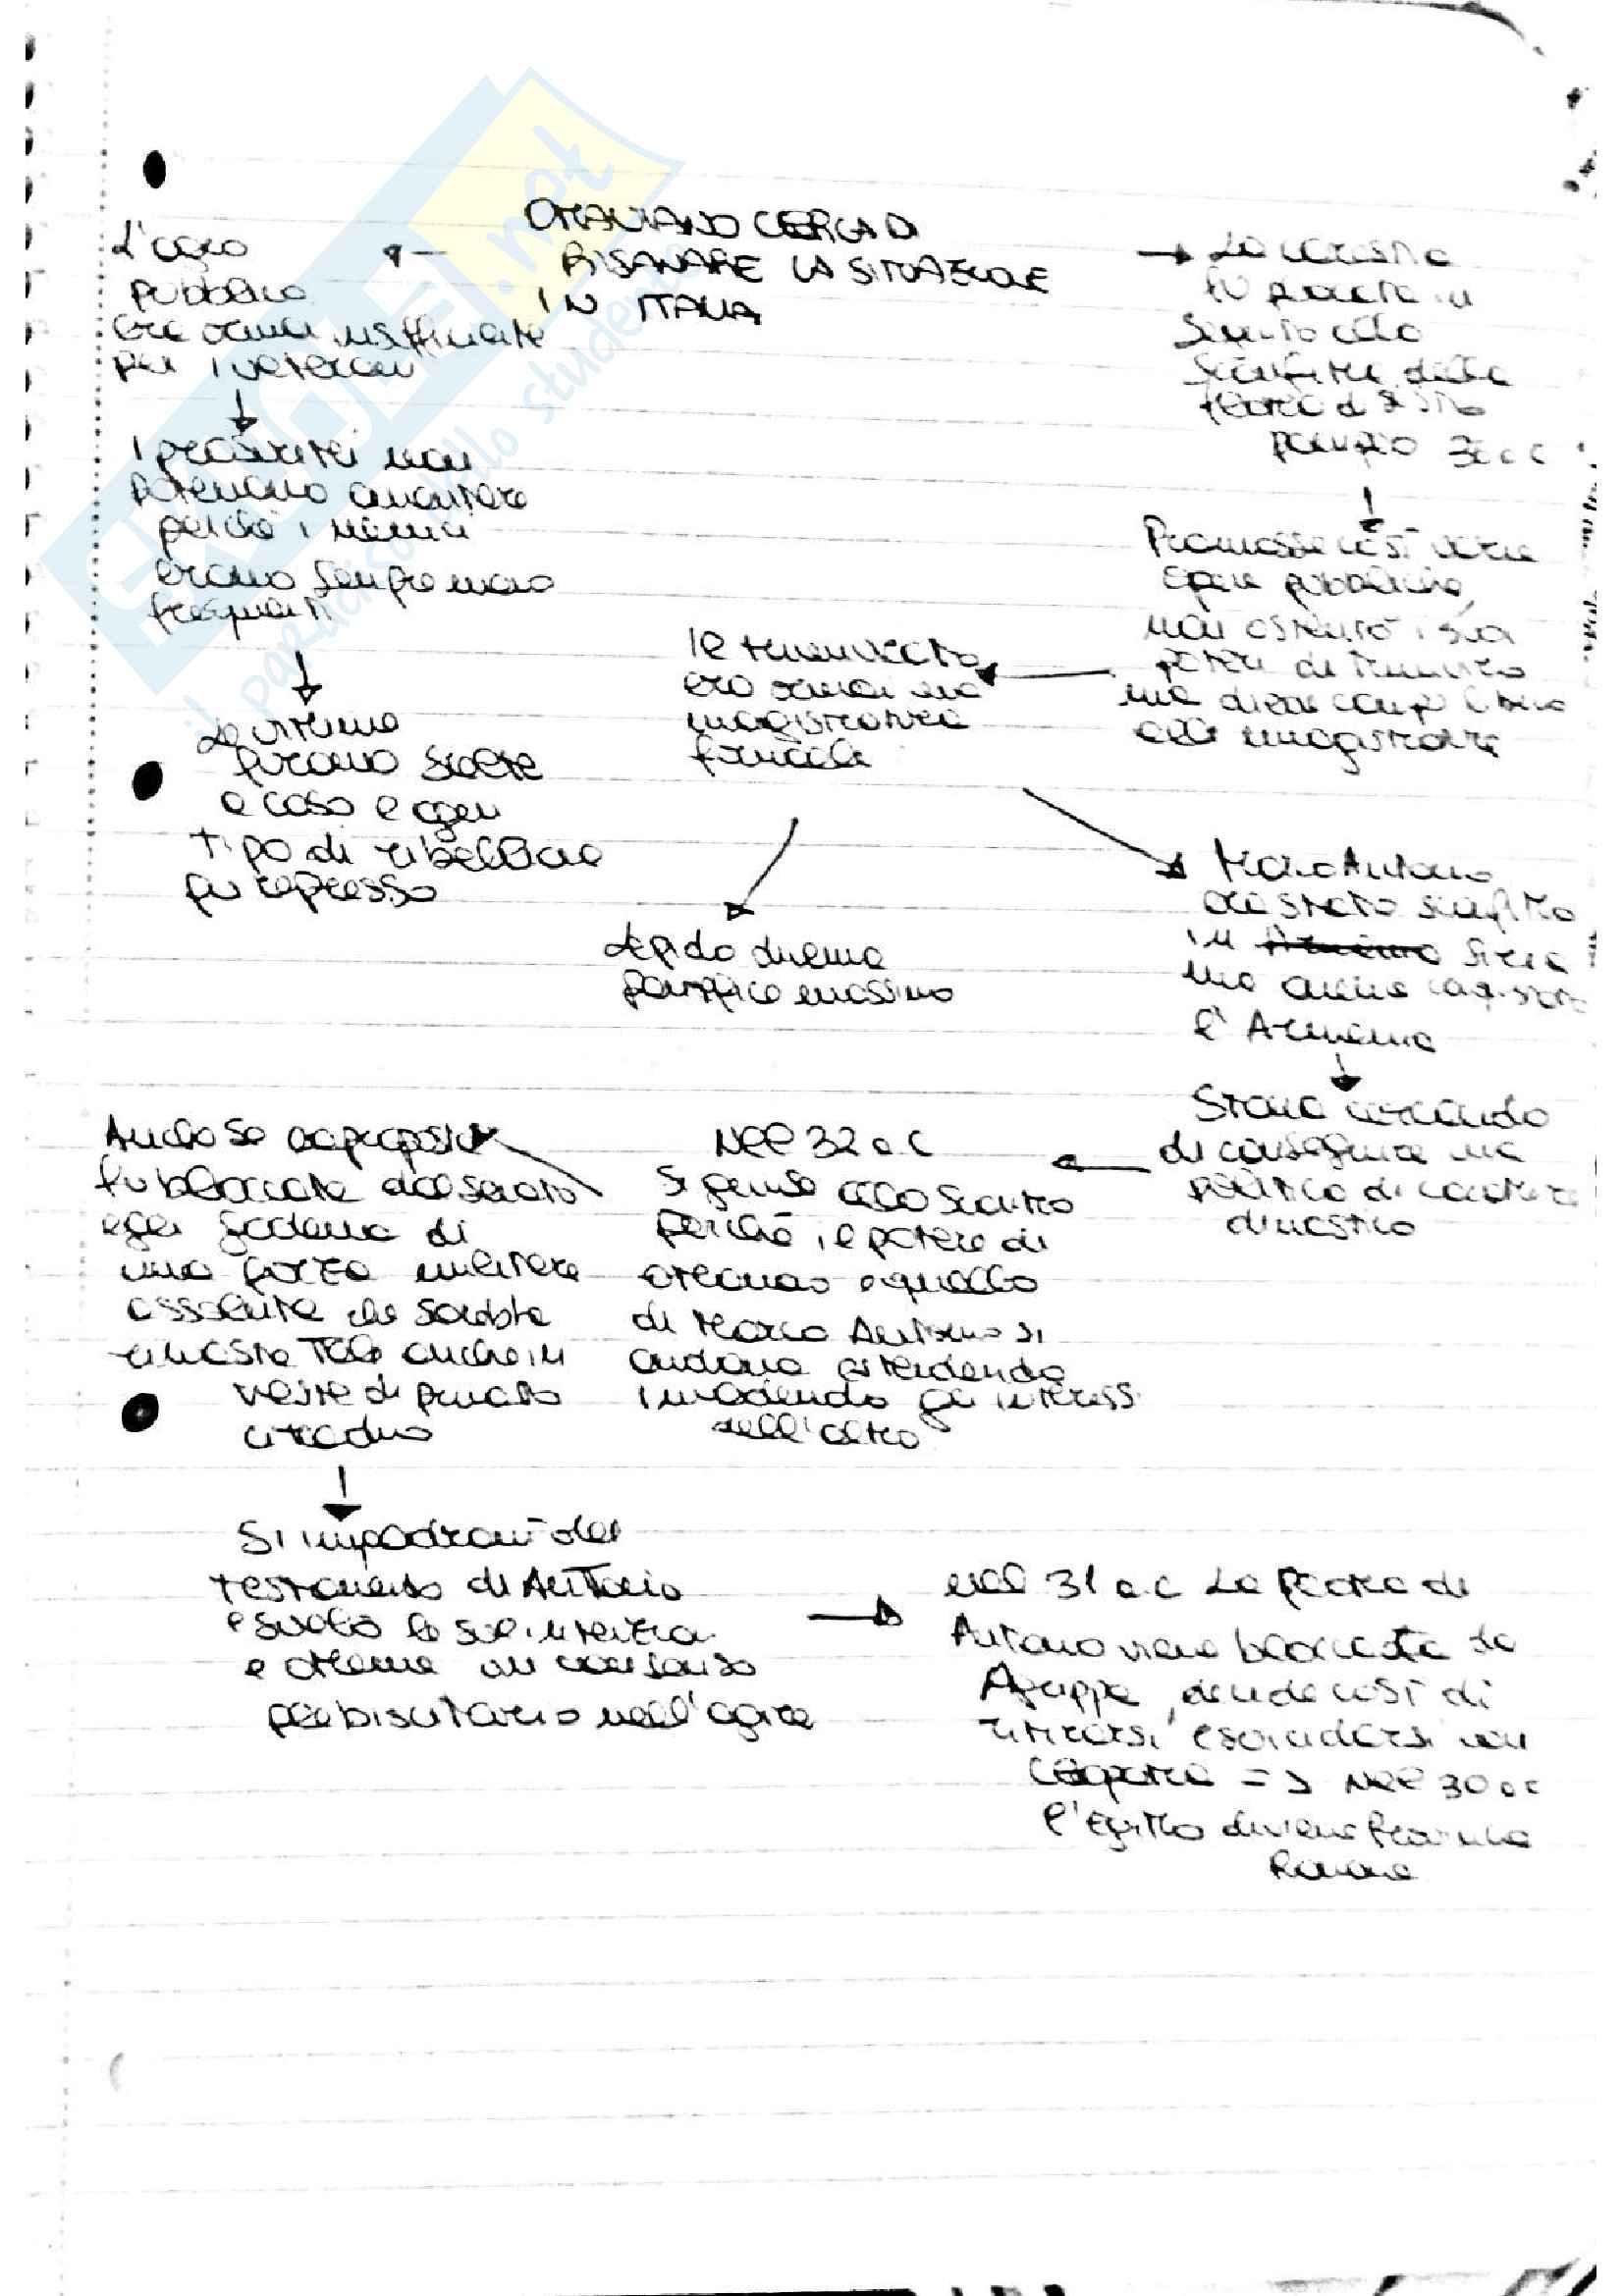 Appunti a mano di storia del diritto romano